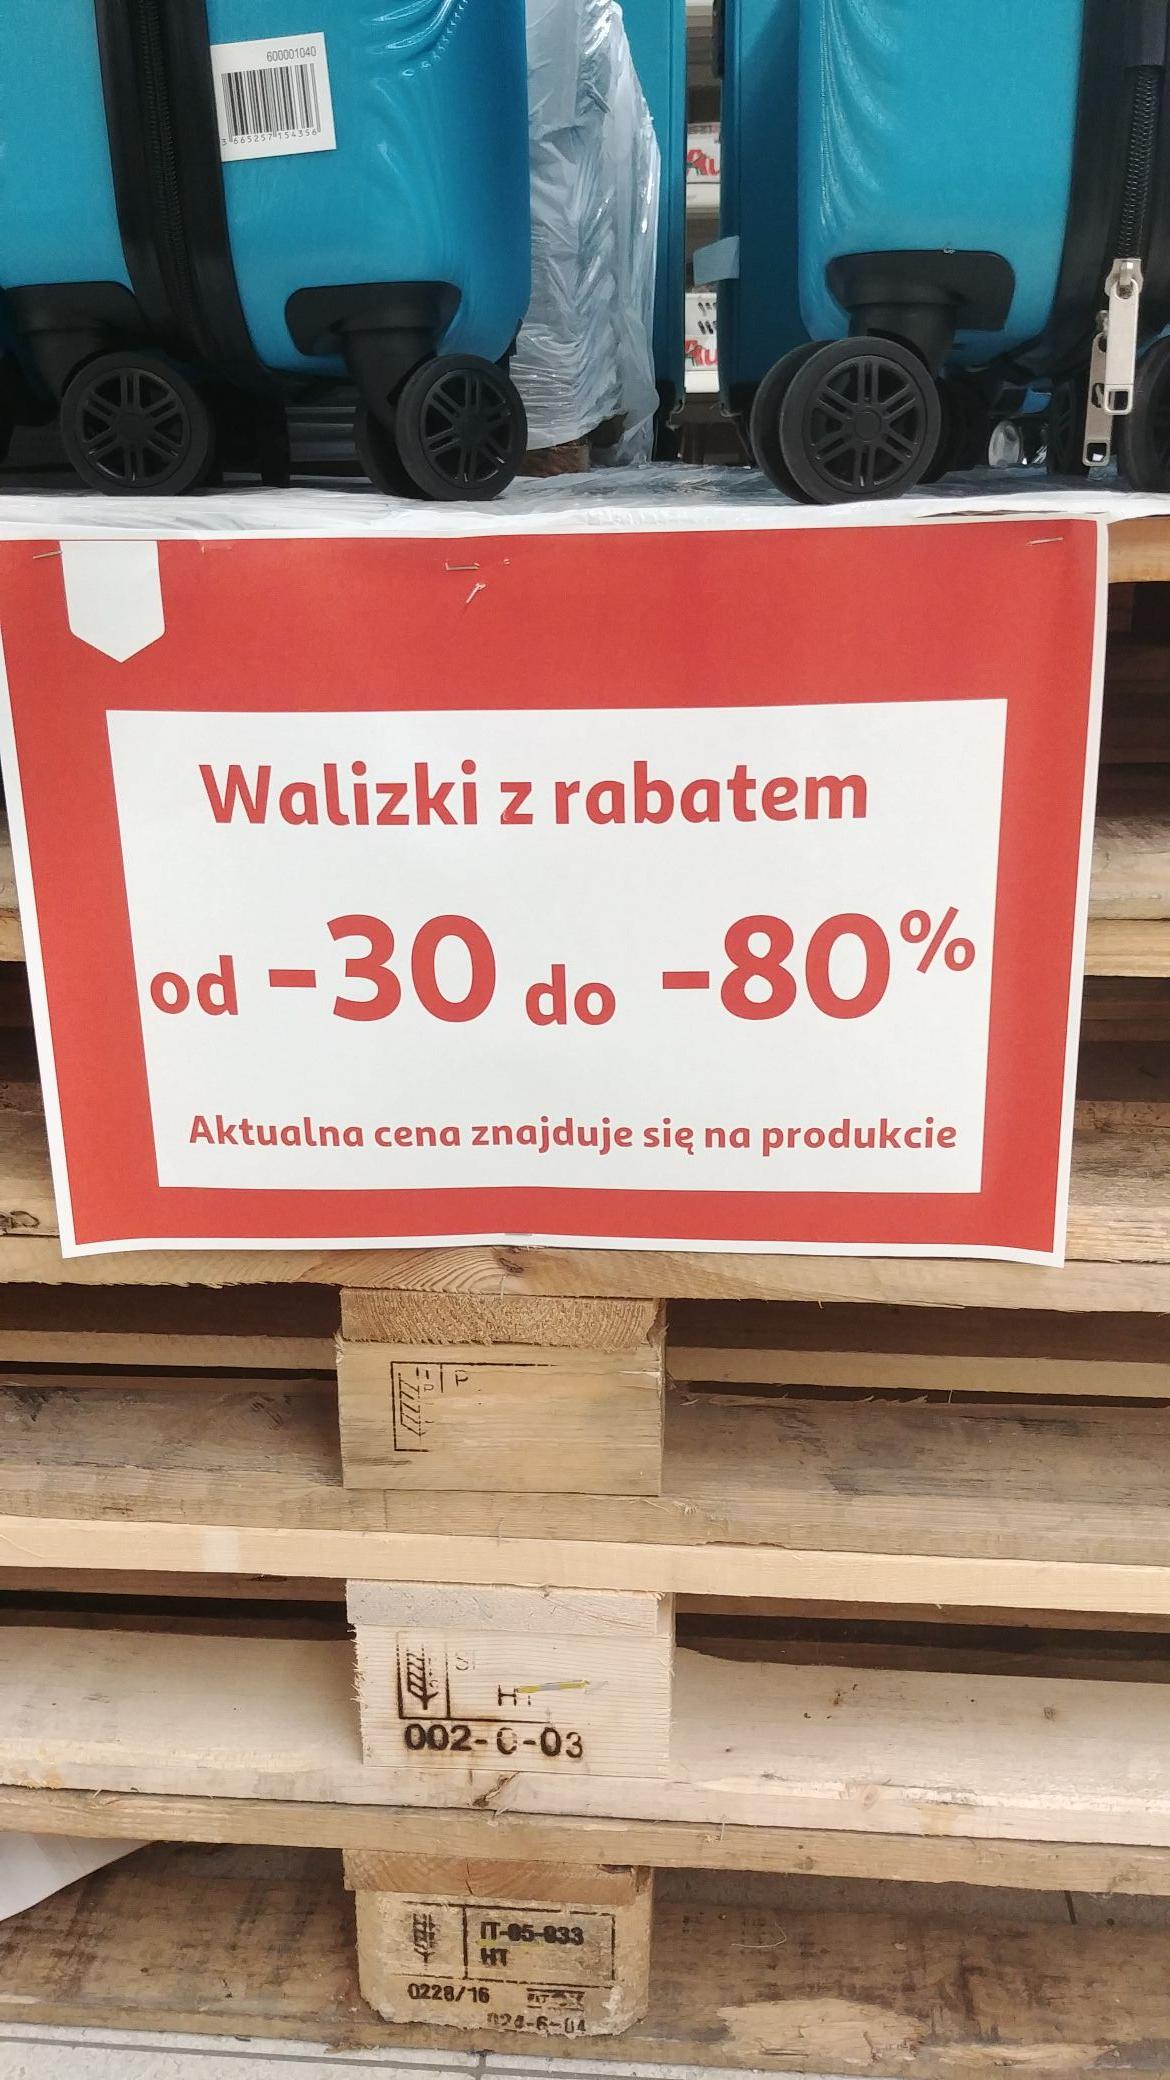 Walizki z rabatem od - 30% do -80% Auchan